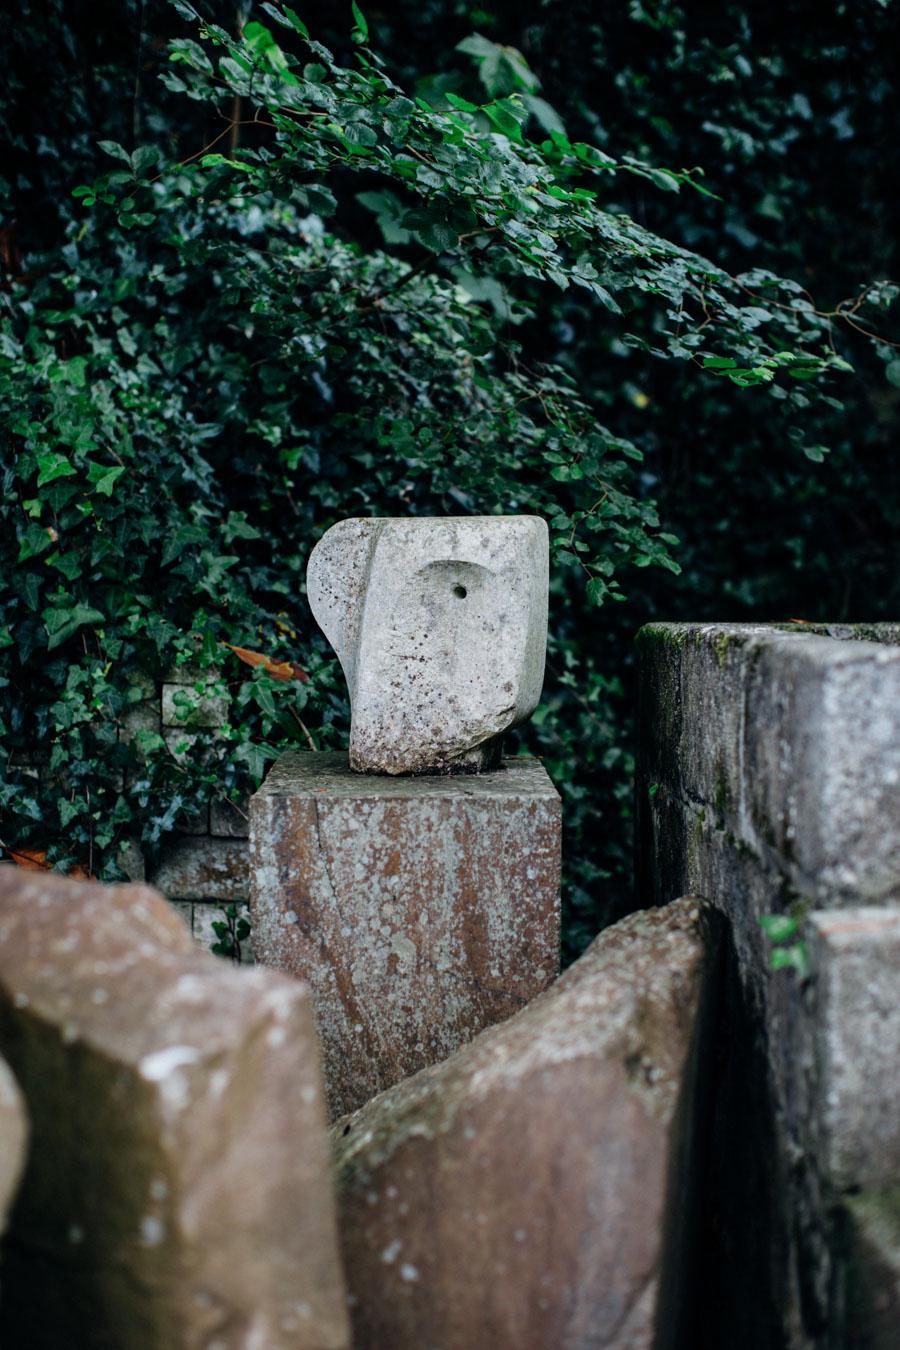 Barbara Hepworth sculpture garden